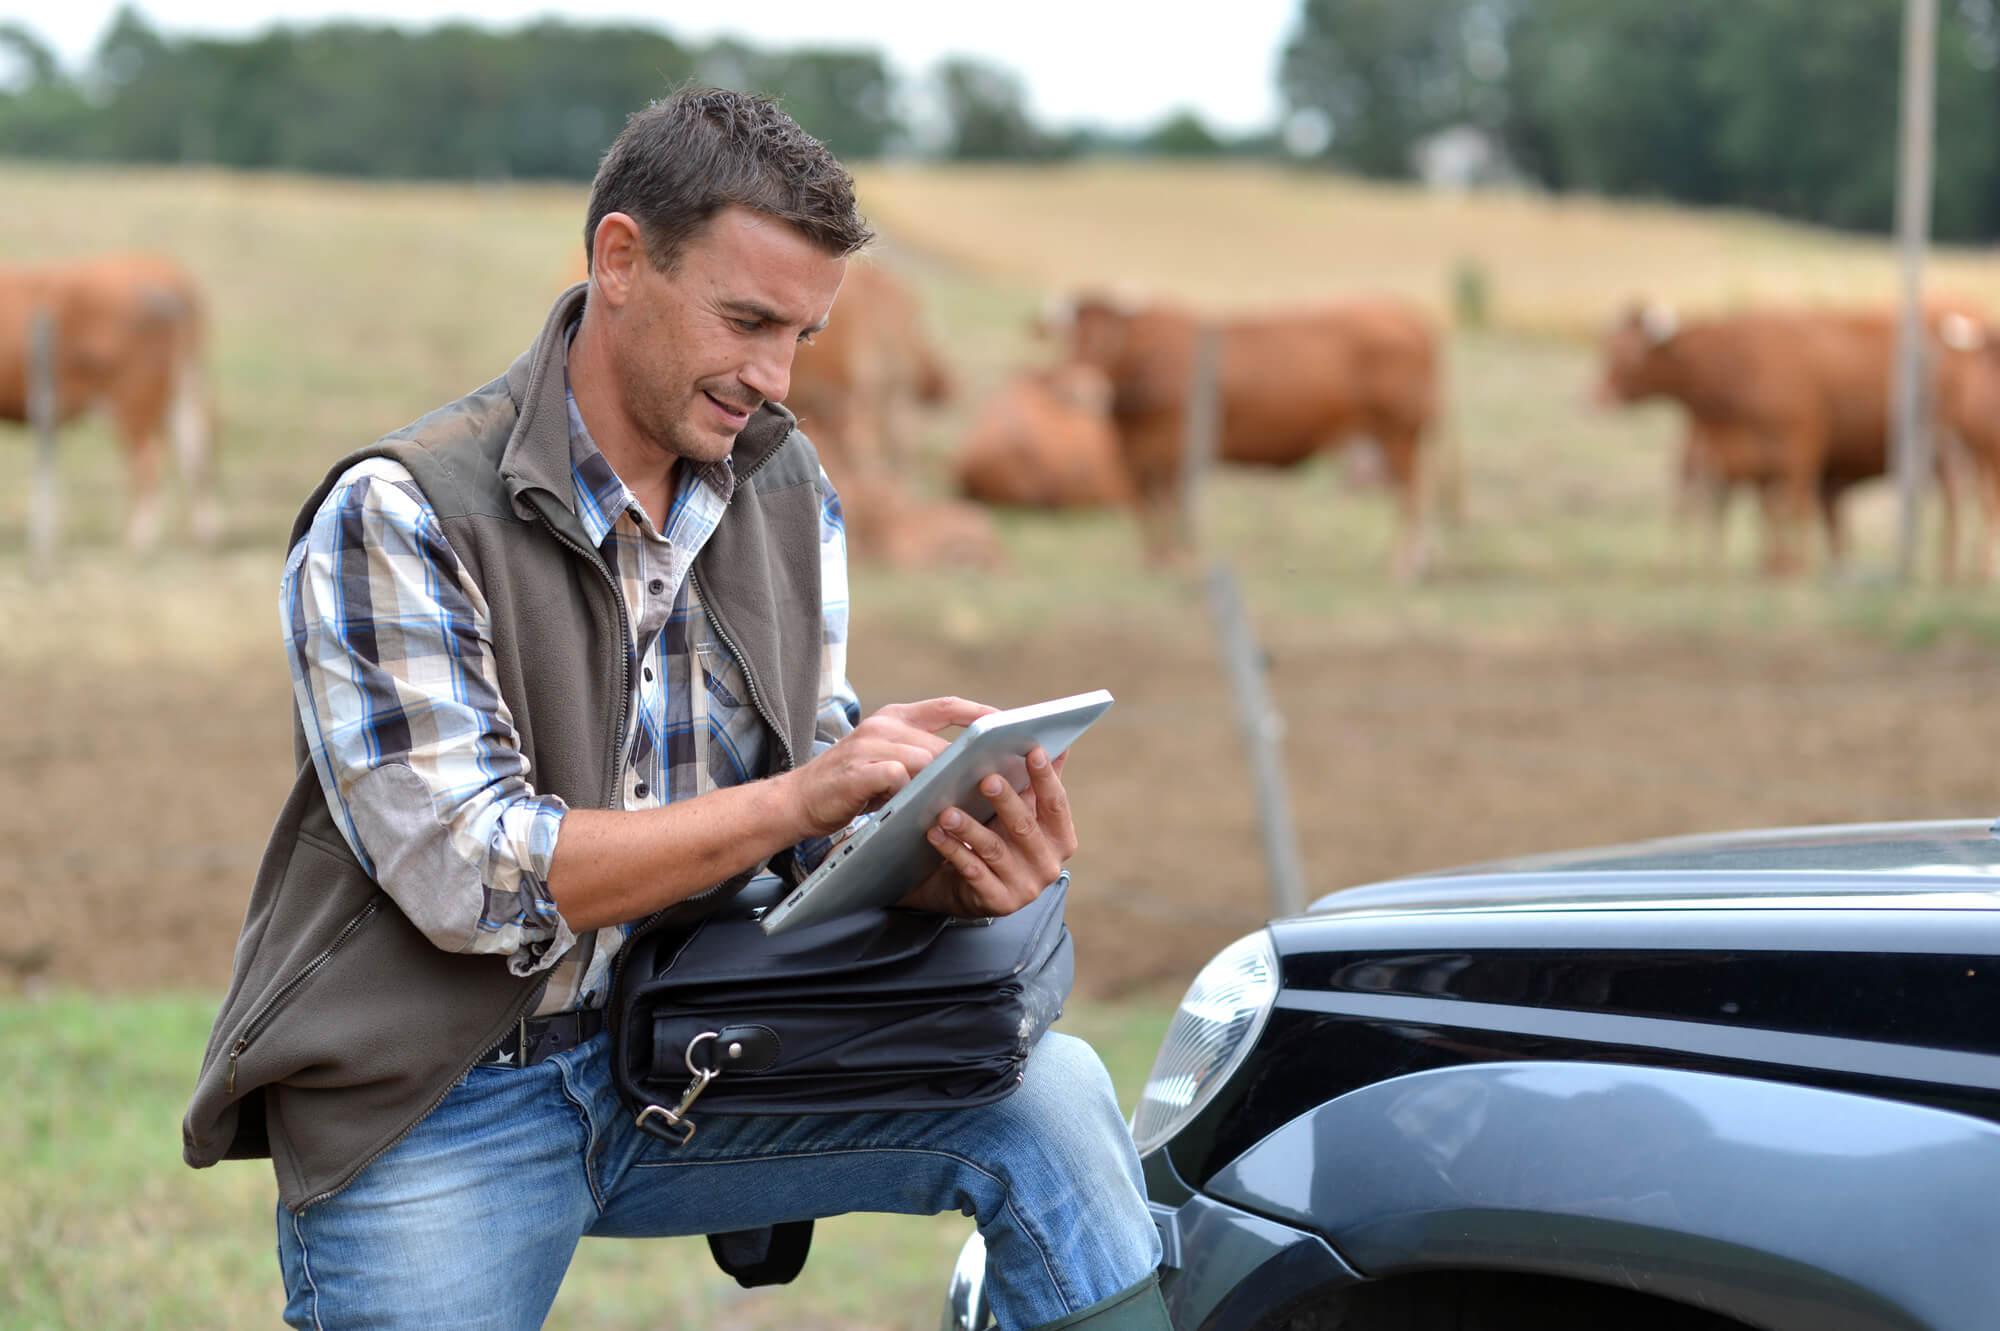 fazenda-sustentavel-descubra-o-que-e-e-como-colocar-em-pratica.jpeg